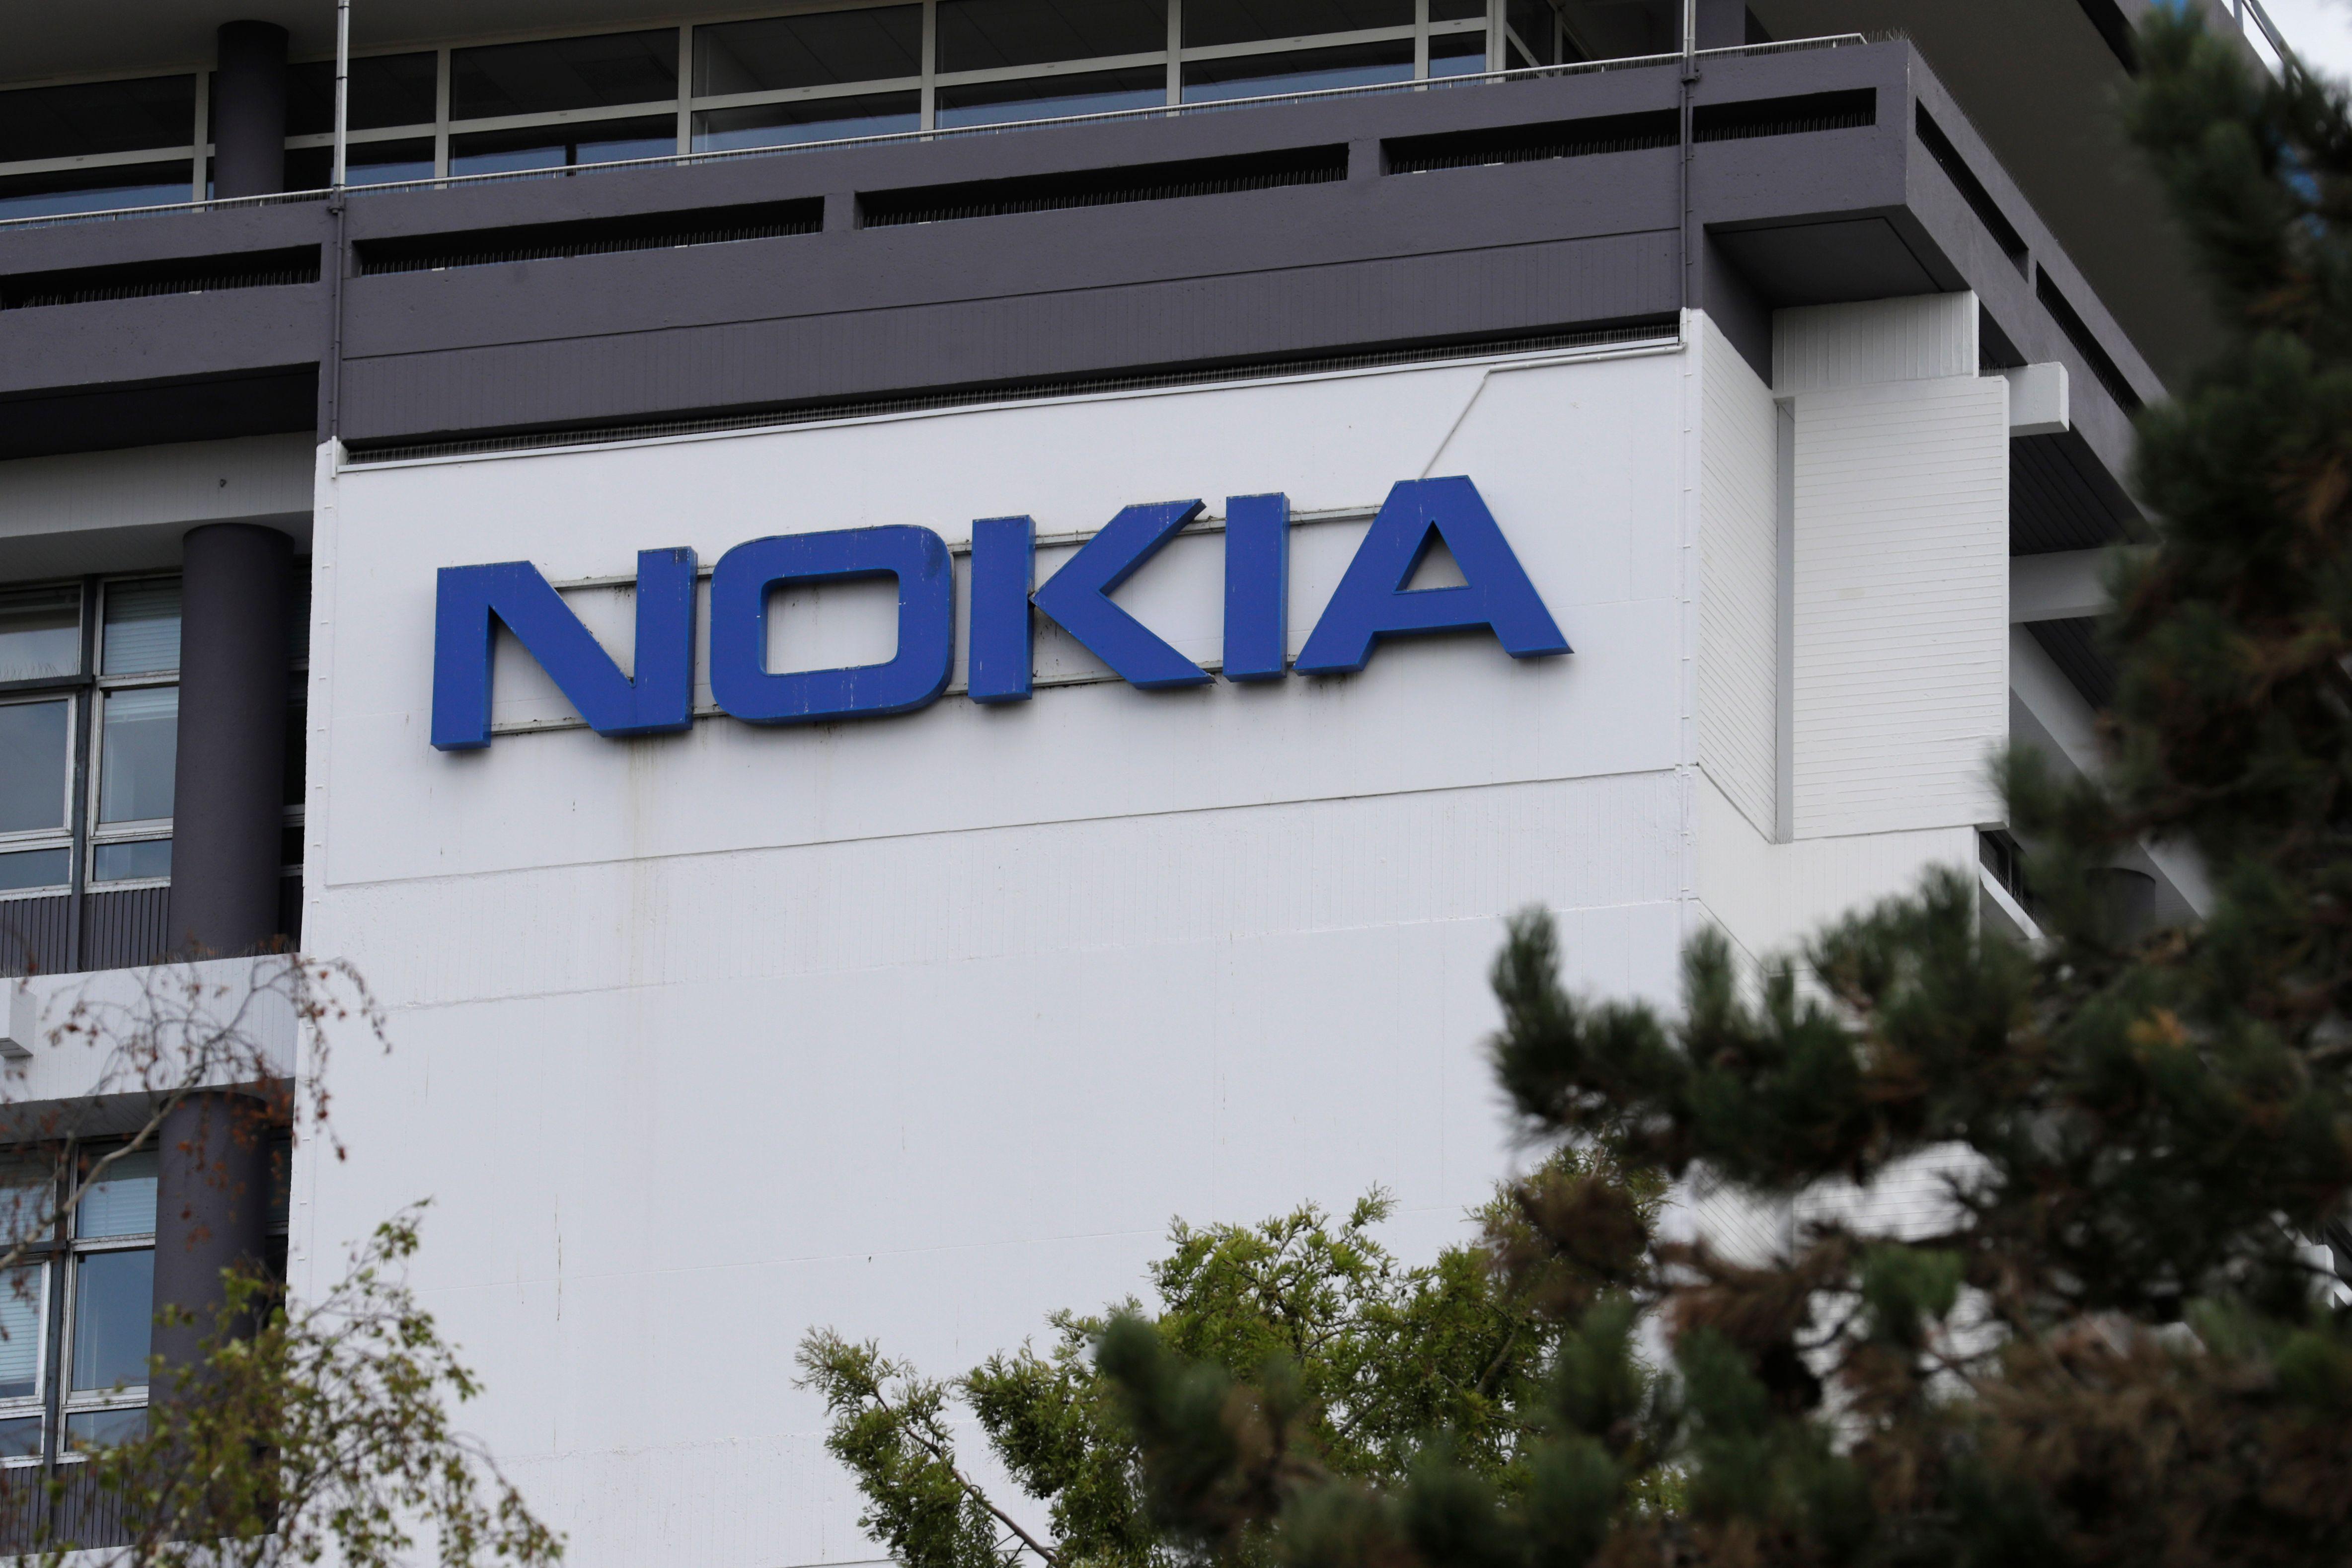 تحقق فنلندا نوكيا smartphones إرسال البيانات إلى الصين 1